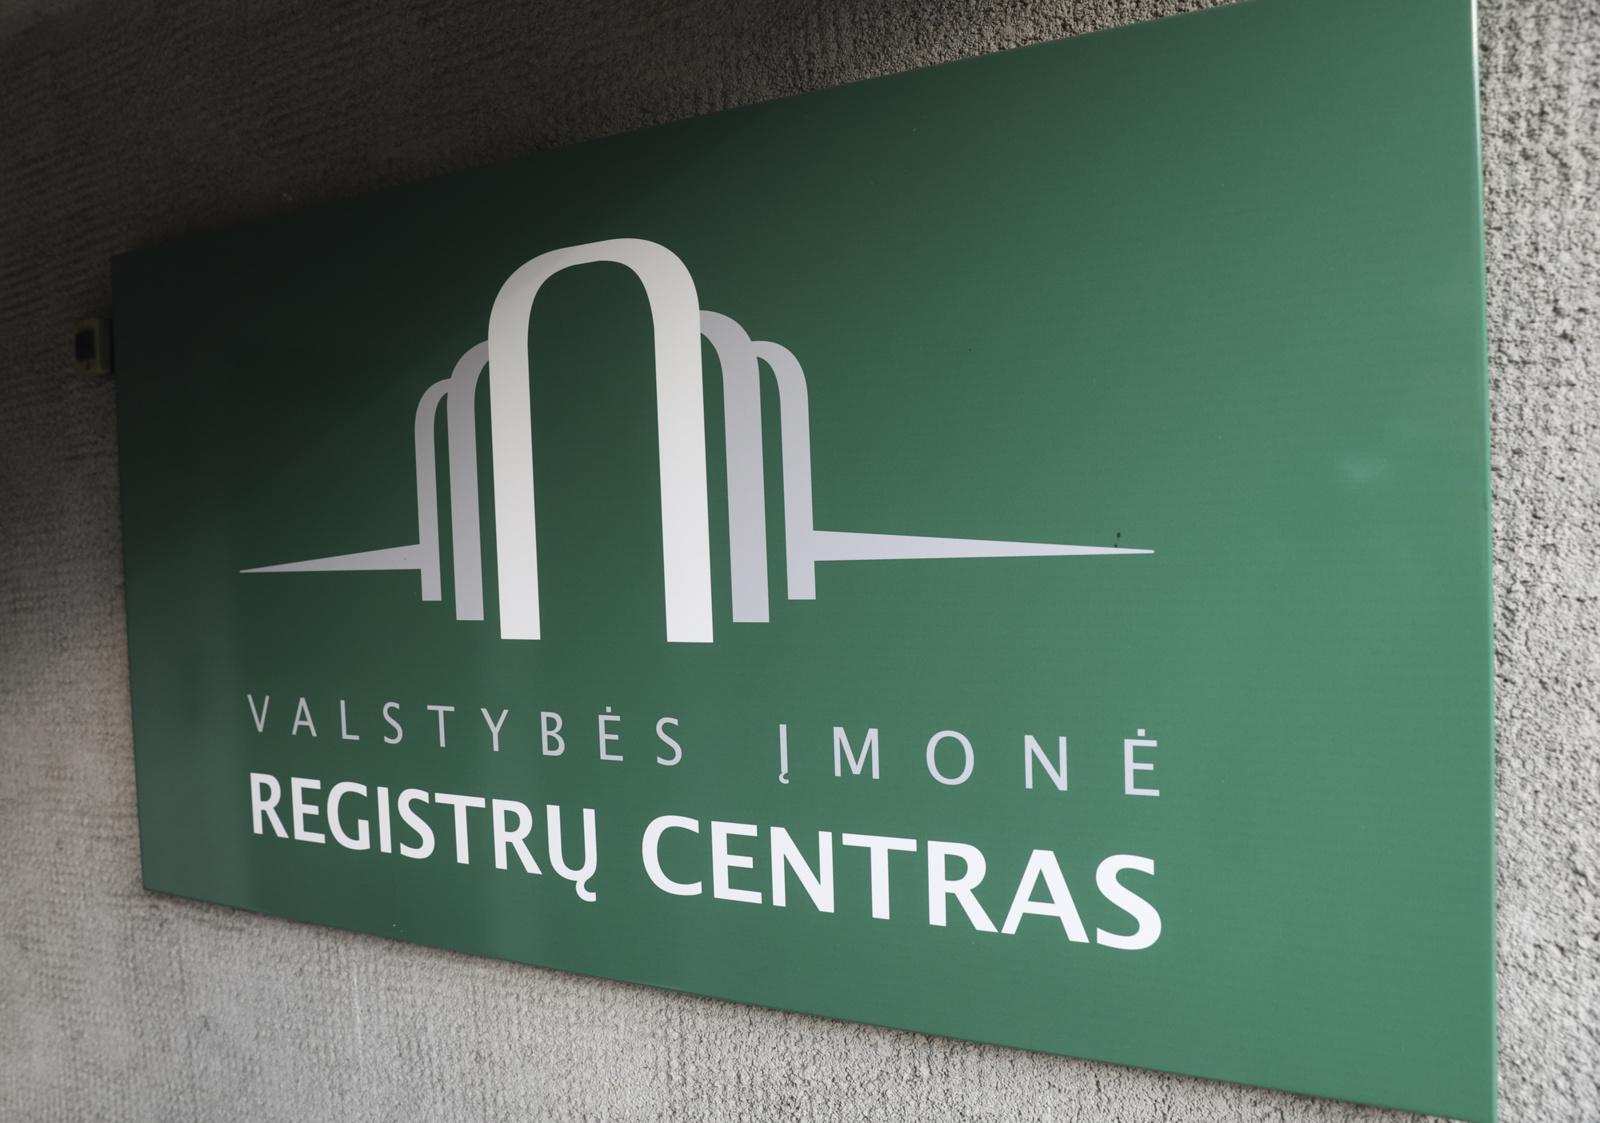 Registrų centras pasirašė sutartį dėl prekės ženklo atnaujinimo